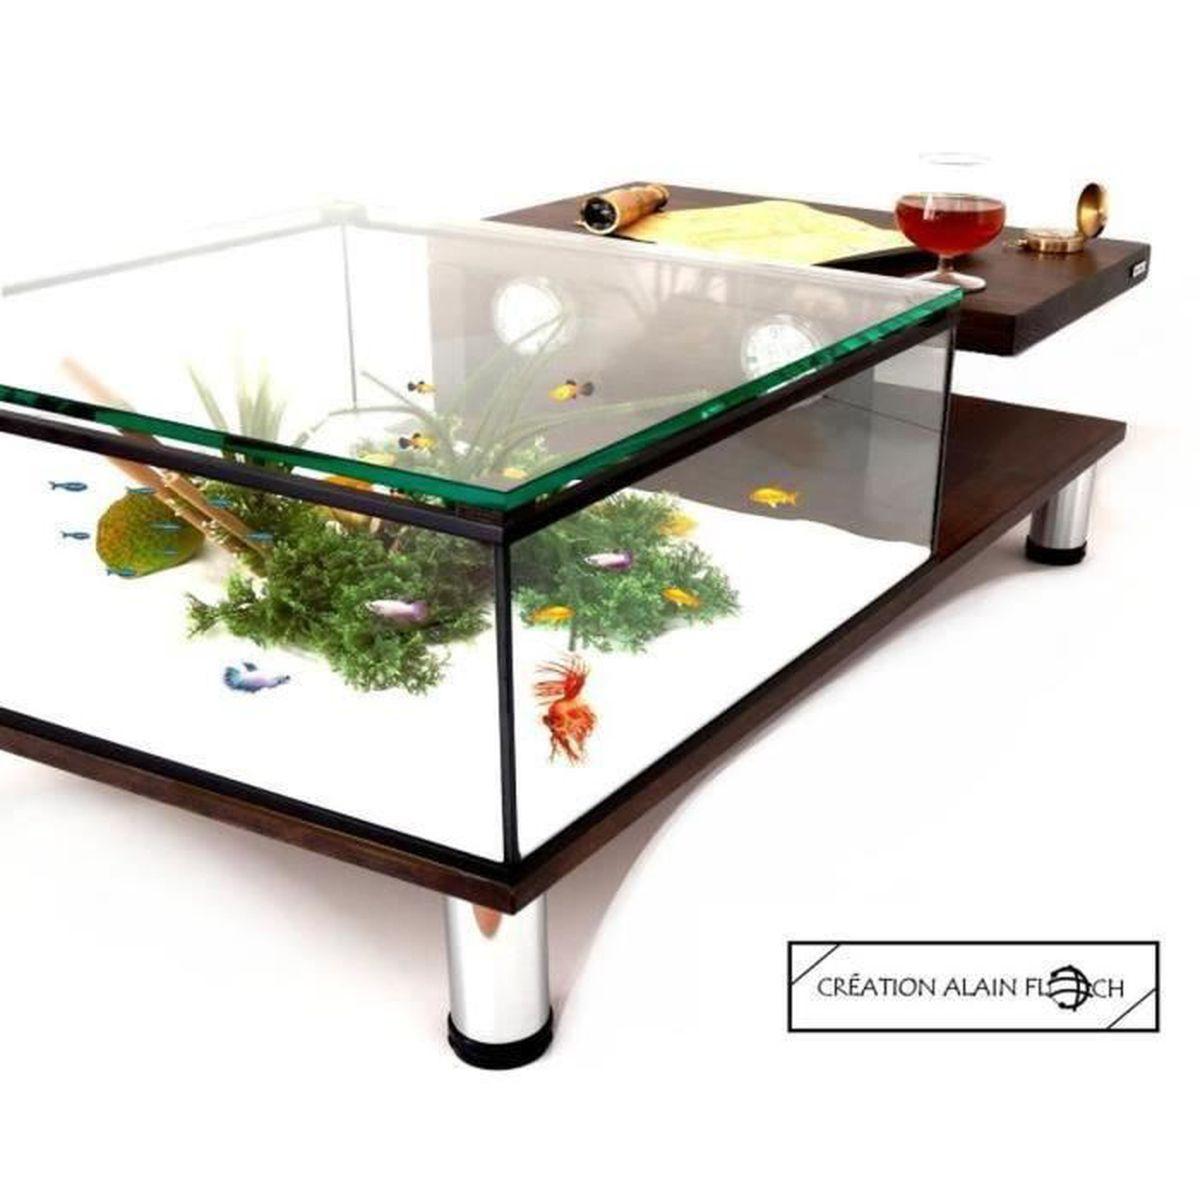 Table Basse Moderne Plateau Relevable Aquarium Terrarium 20 Led Design Unique Entretien Facile Filtre 200 L H Au Charbon Actif Achat Vente Table Basse Table Basse Annabelia Aquar